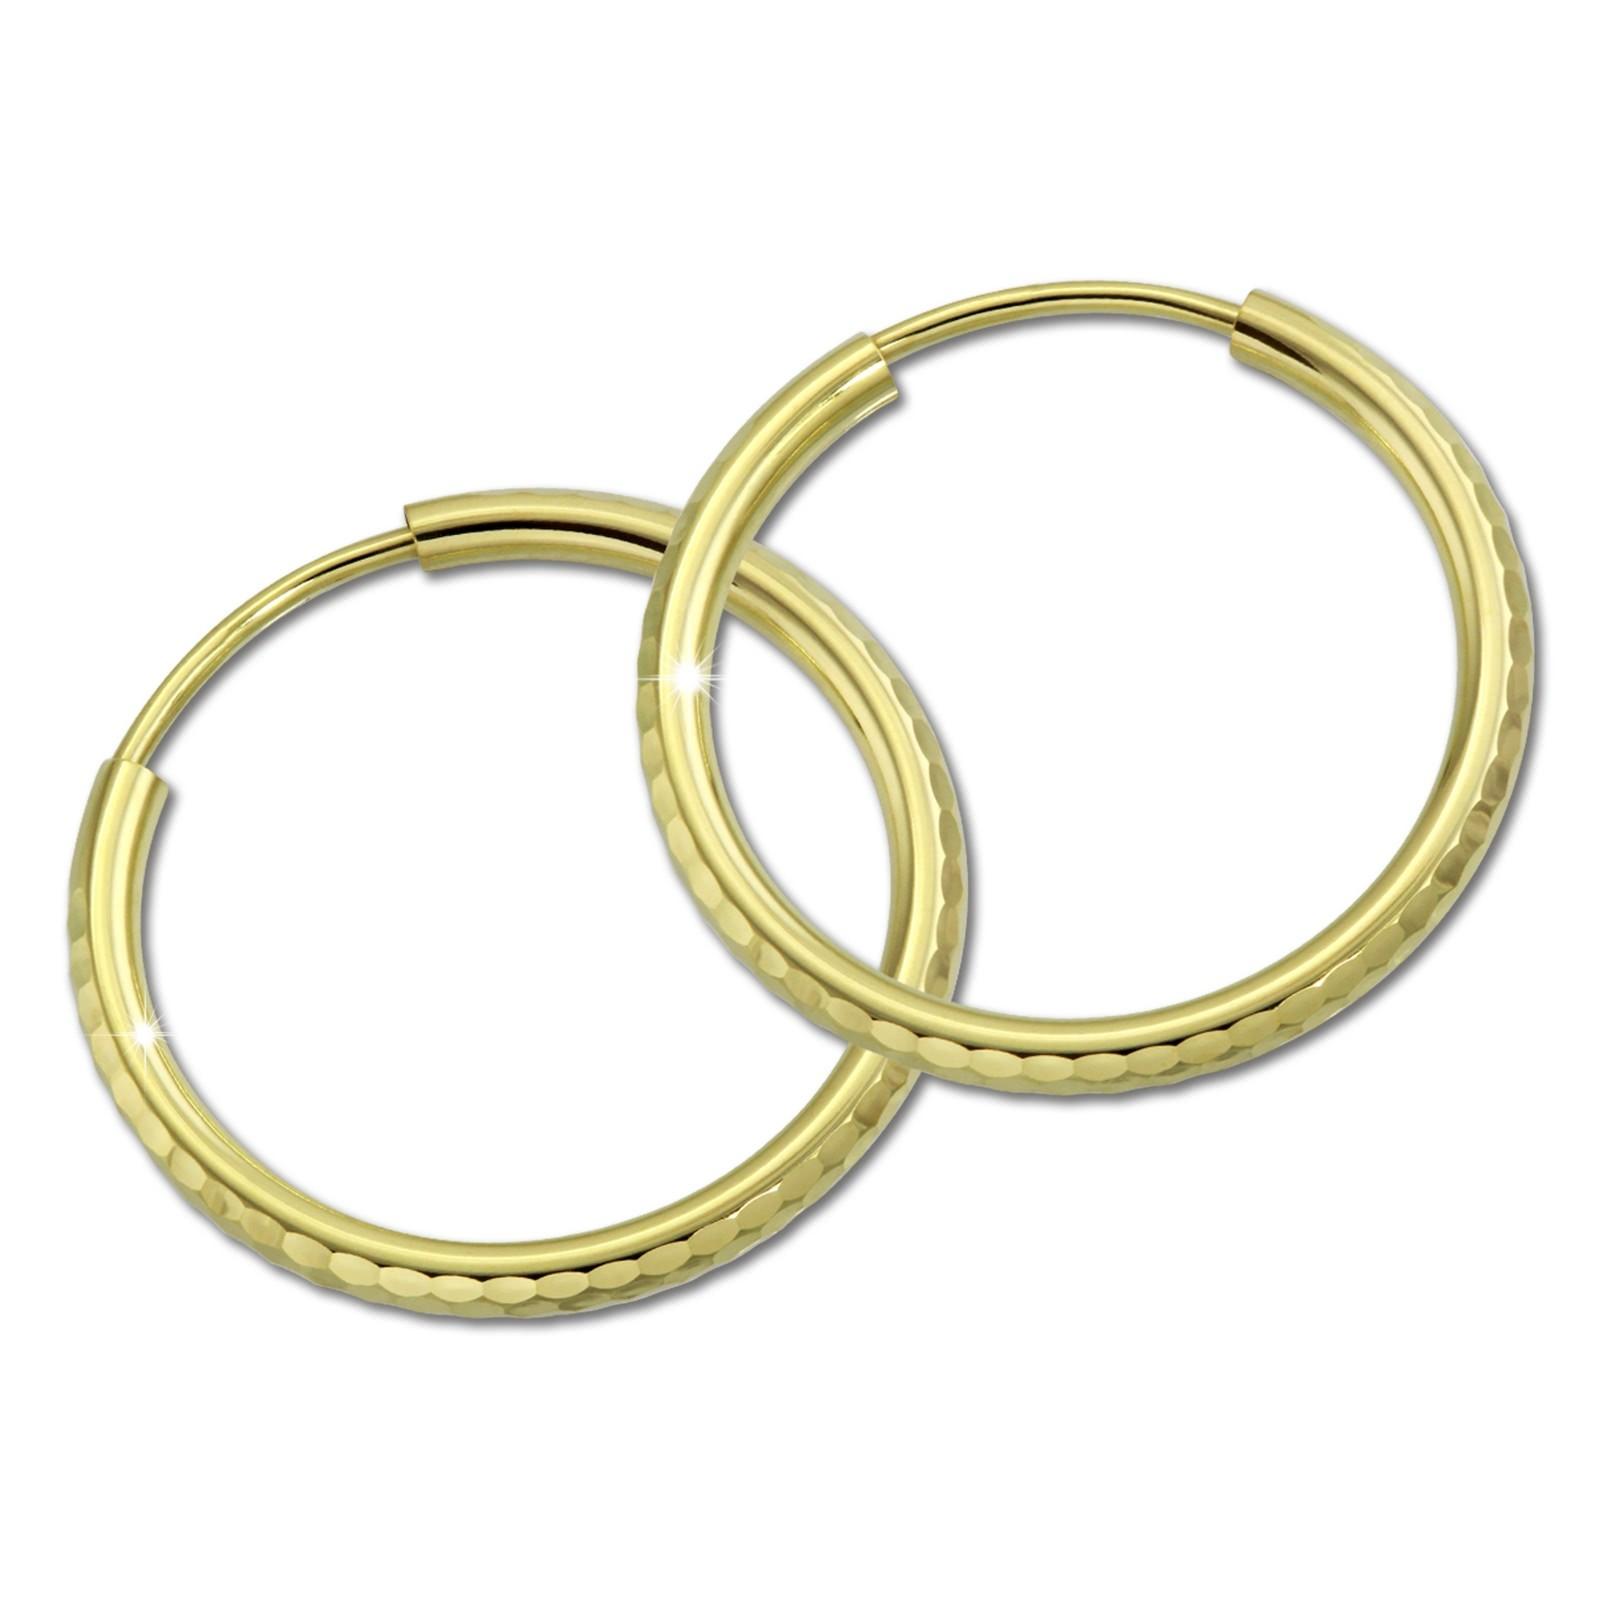 SilberDream Goldcreole Schliff 15mm Ohrring 333 Gelbgold Echtschmuck GDO0041Y